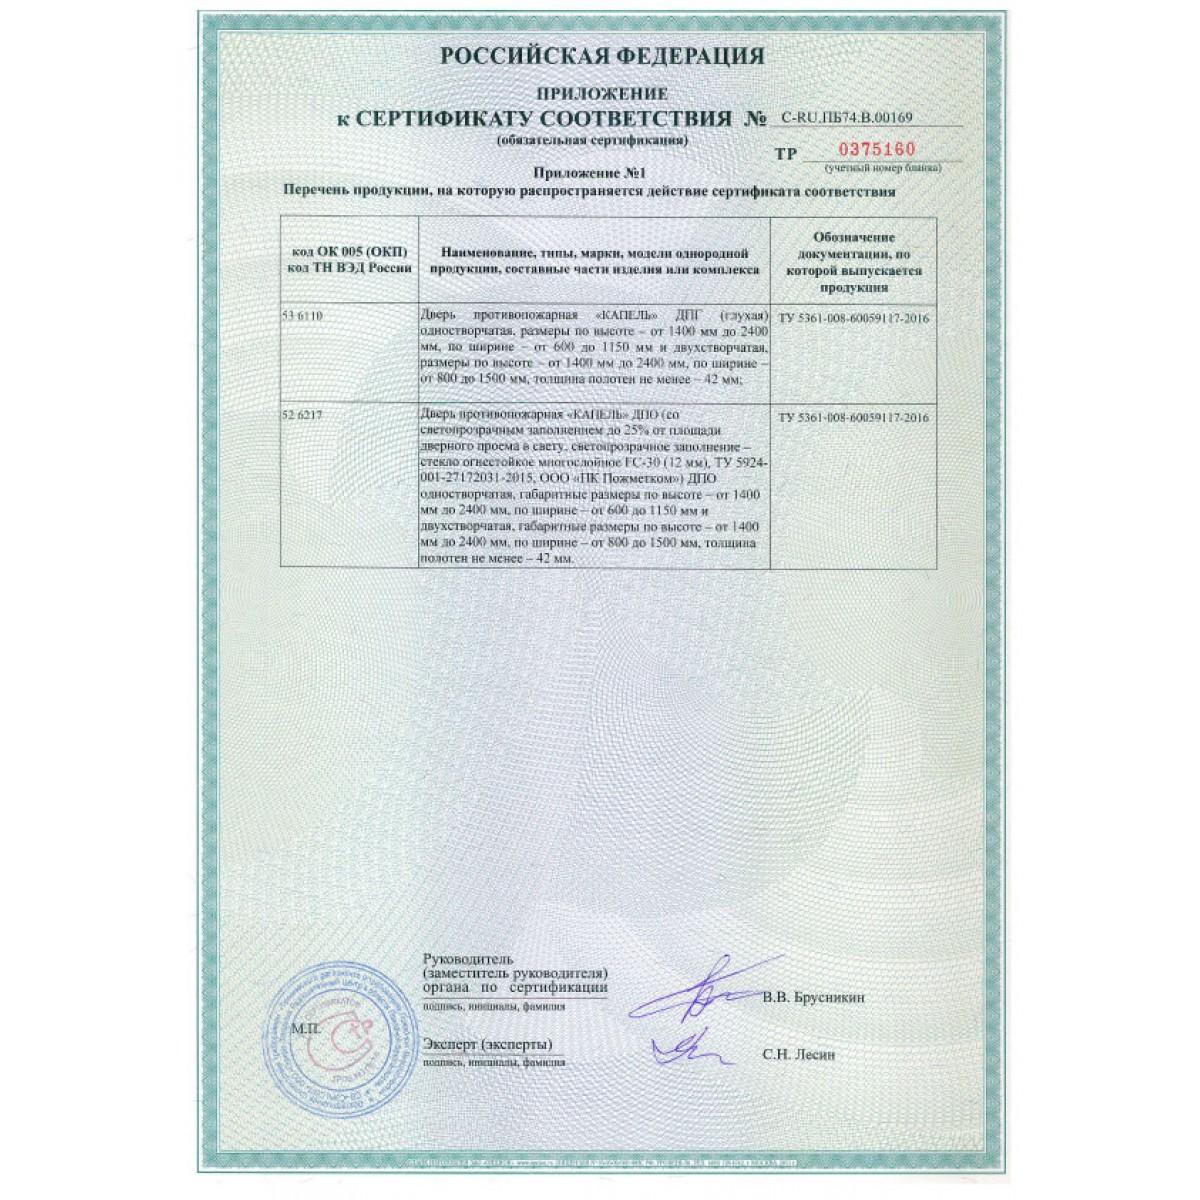 """Сертификат соответствия """"Капель"""" ДПО, ДПГ (стр. 2)"""